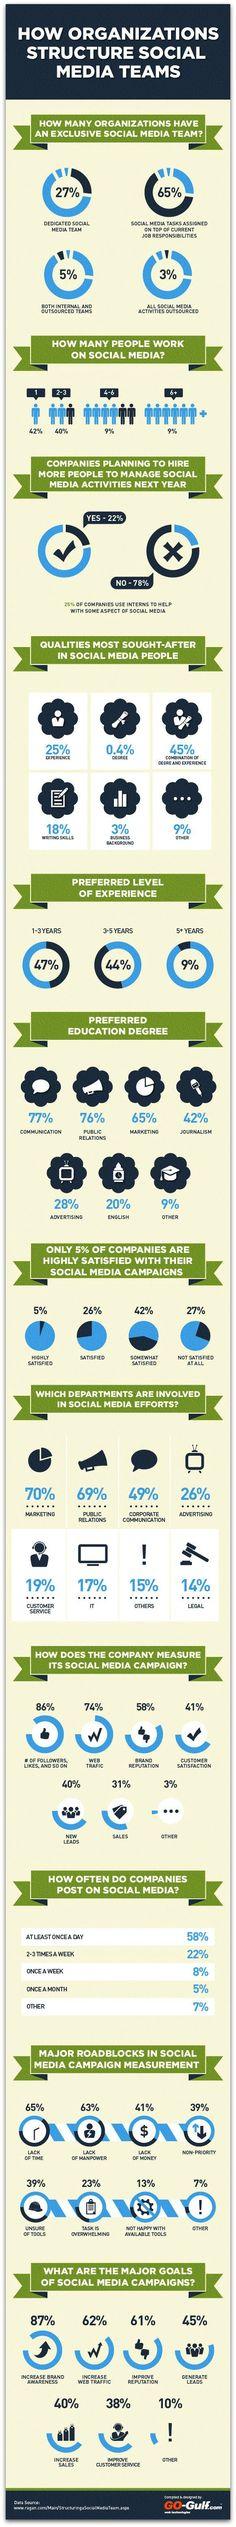 Solo un 5% de los CEO está satisfecho de sus campañas sociales. Pero el 65% se hace como tareas superpuestas #SocialMedia